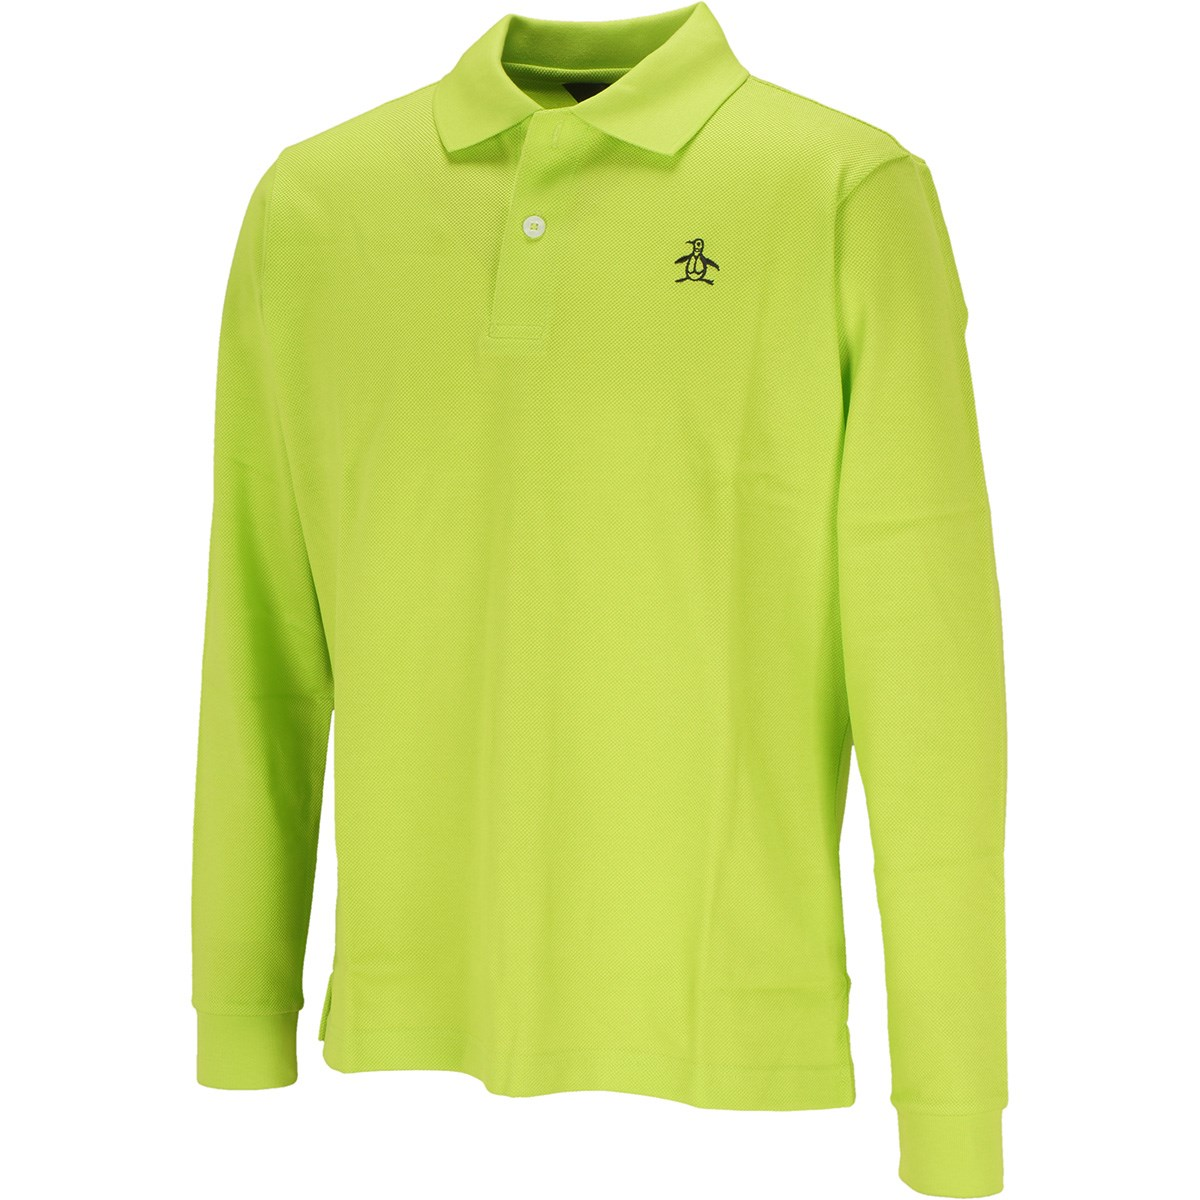 マンシングウェア Munsingwear ONE THING マナードリトルピート 長袖ポロシャツ M ライム 00